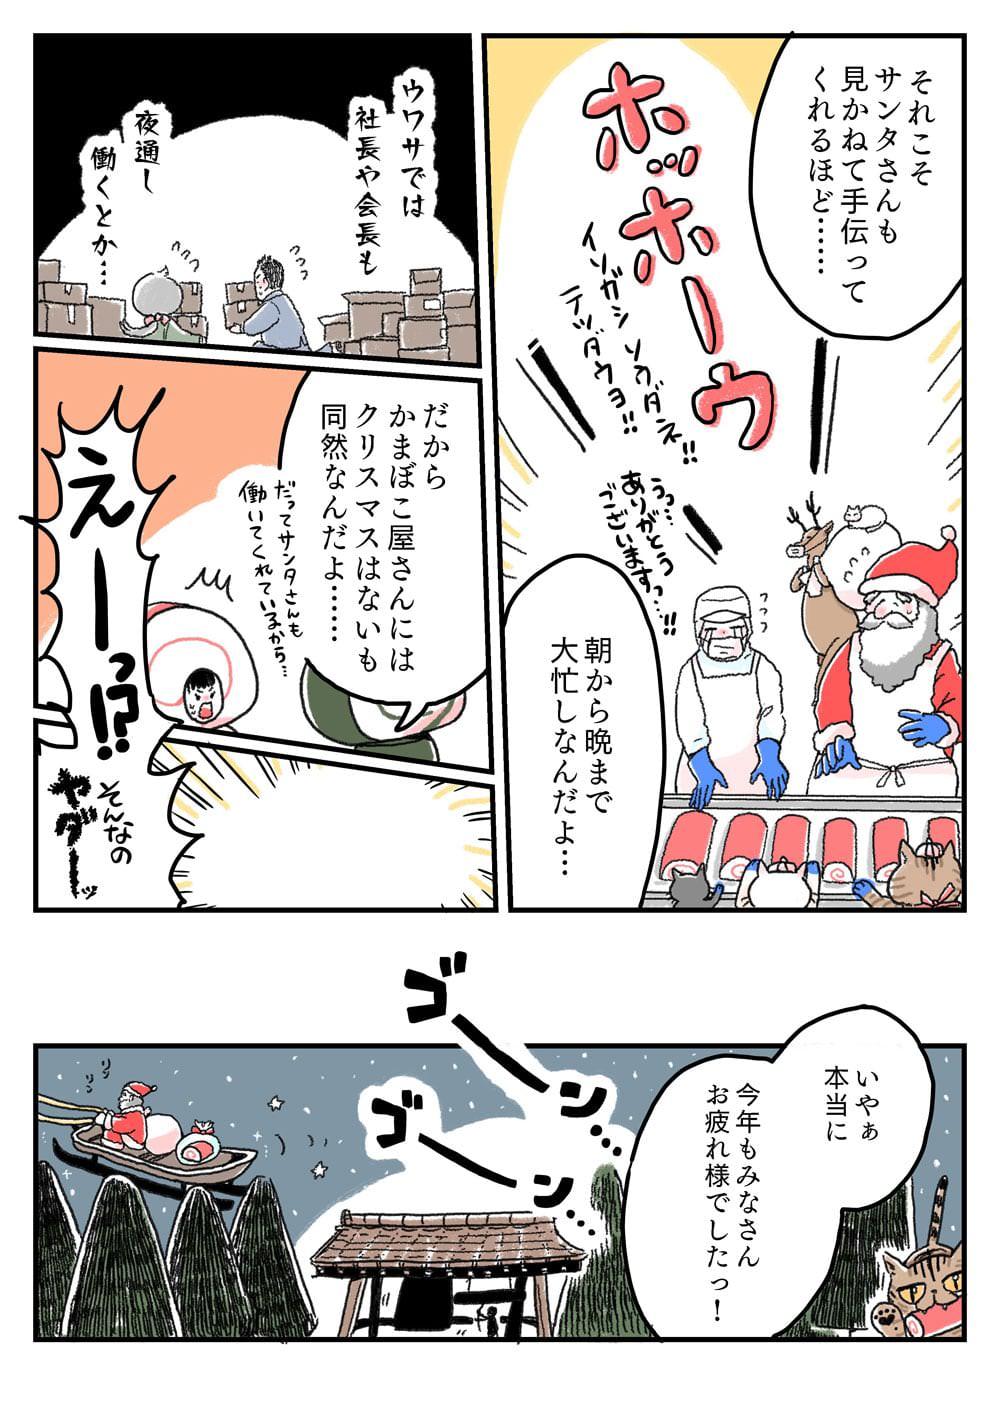 ウメカマンガ(巻) 1徹目 師走の呼吸 猫ノ型 大カマ騒動 NOクリスマスはもう我慢できん!